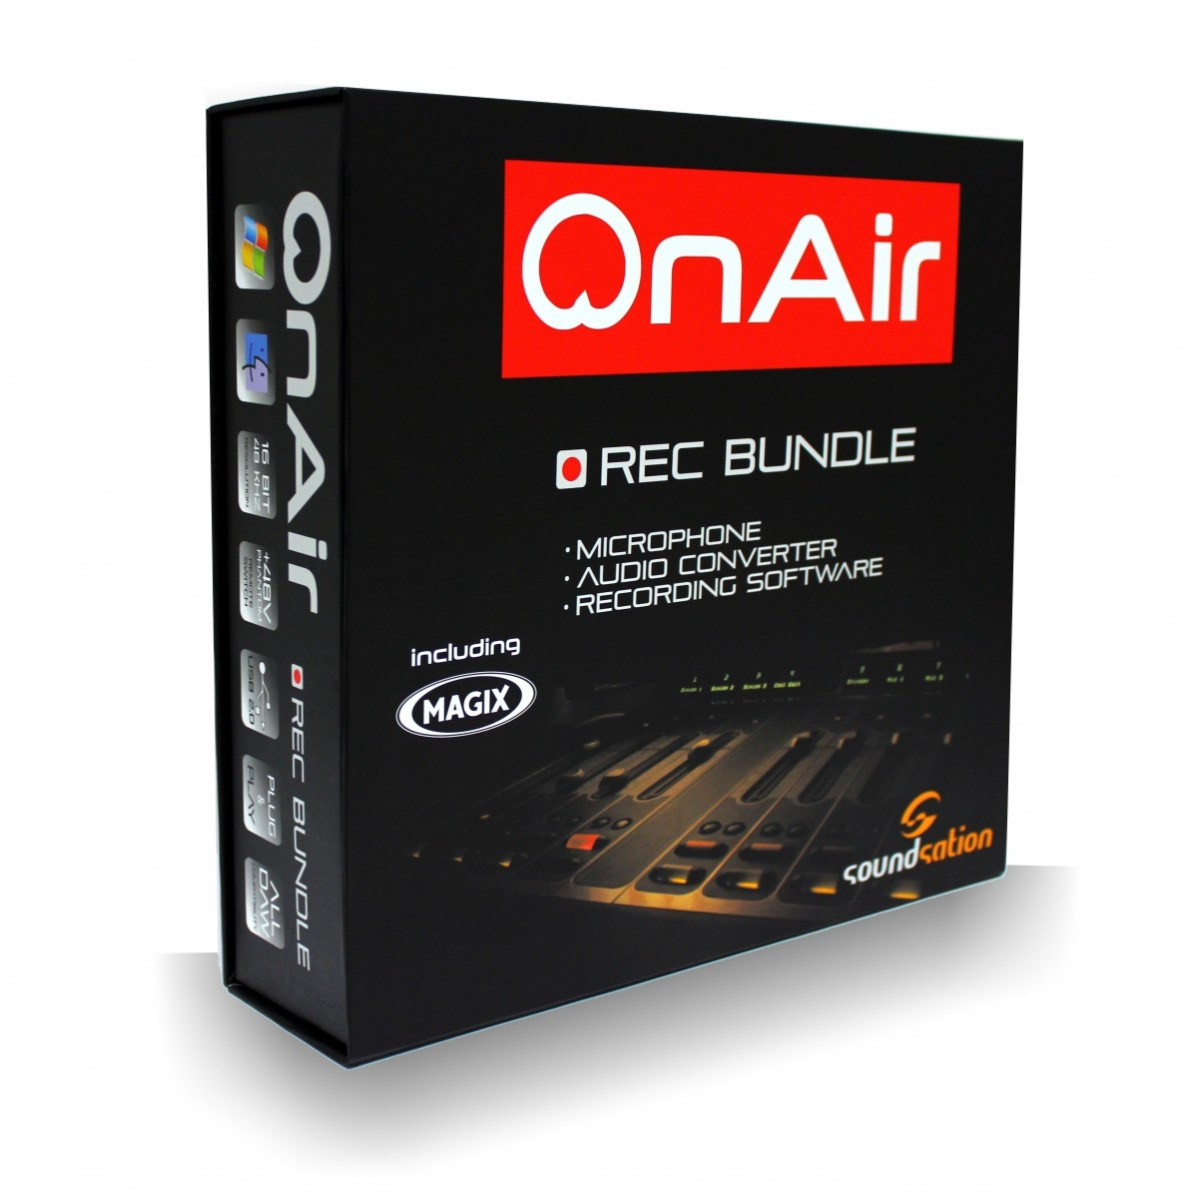 SOUNDSATION OnAir AUDIO RECORDING BUNDLE